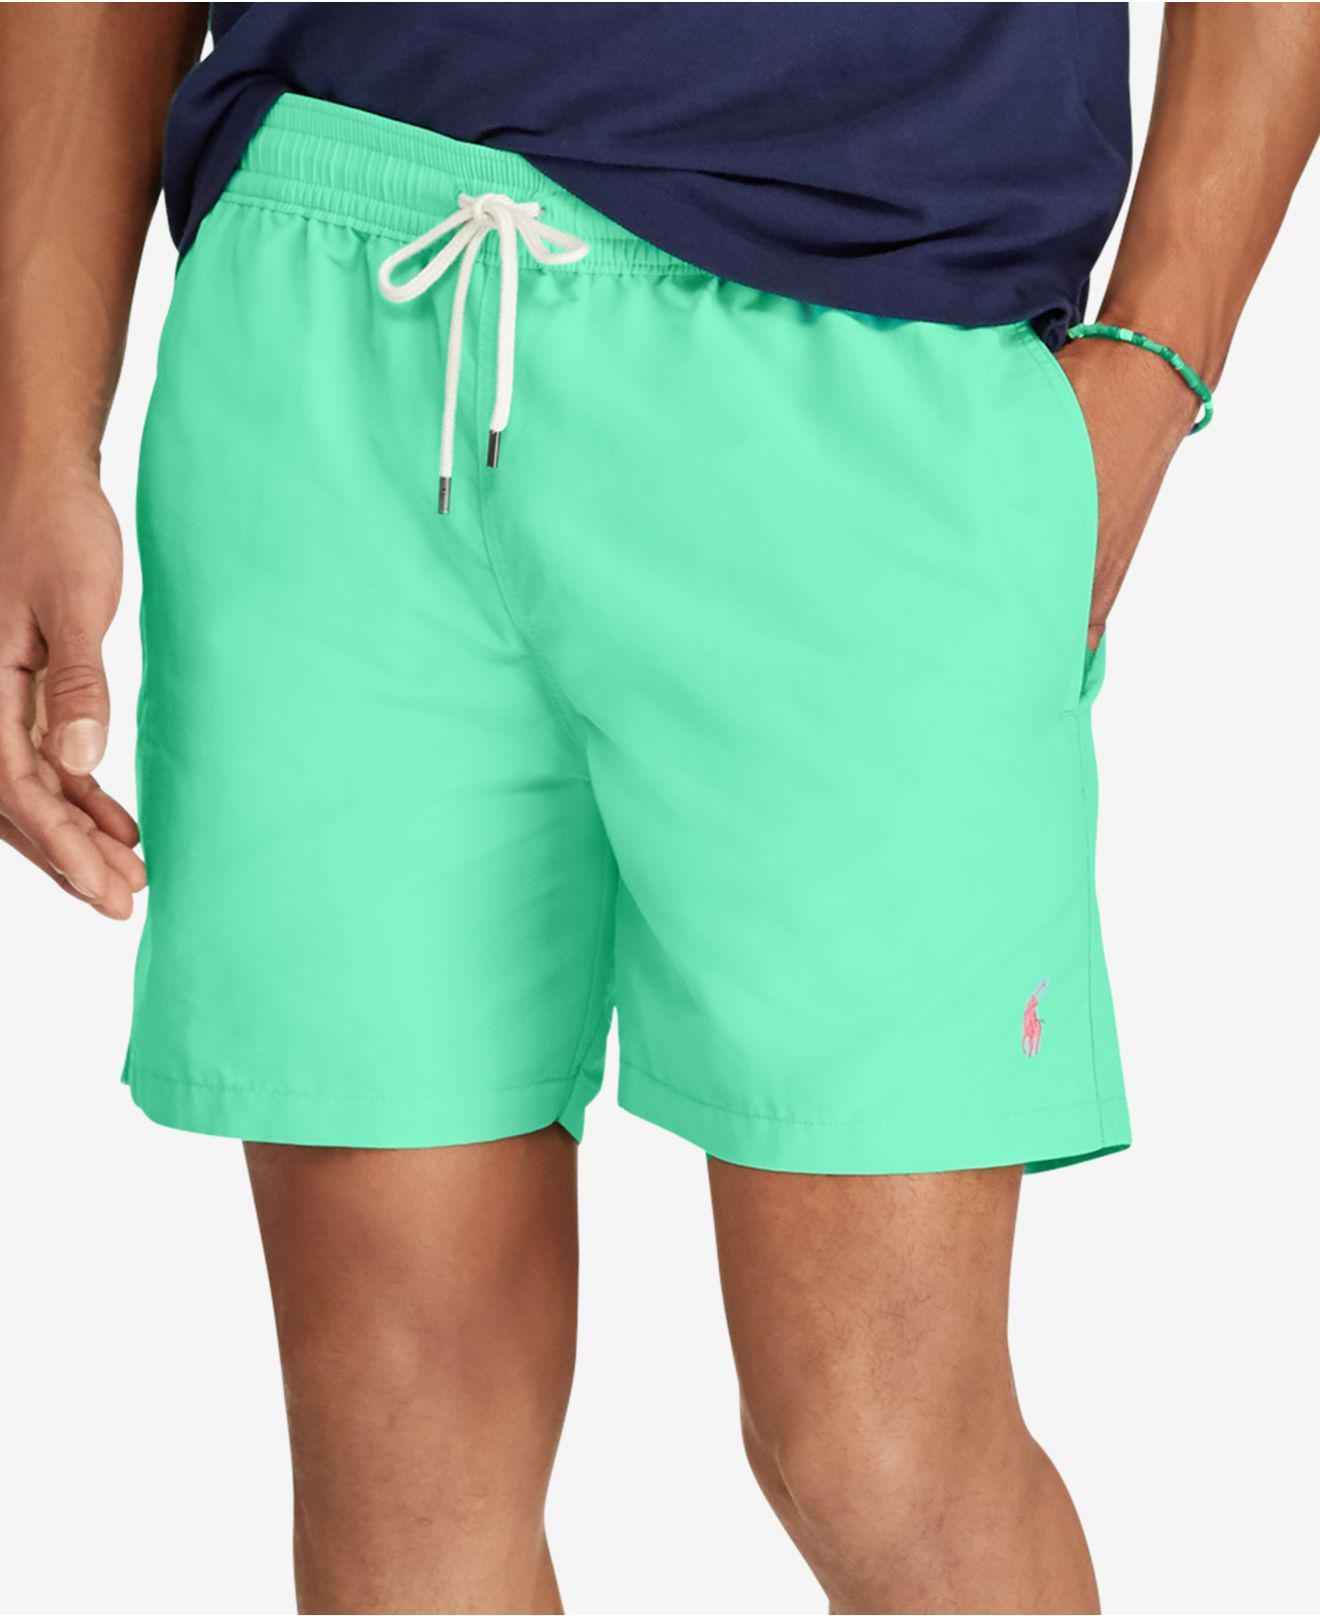 87612632c2 Polo Ralph Lauren Mens 5 3 4 Traveler Swim Trunks